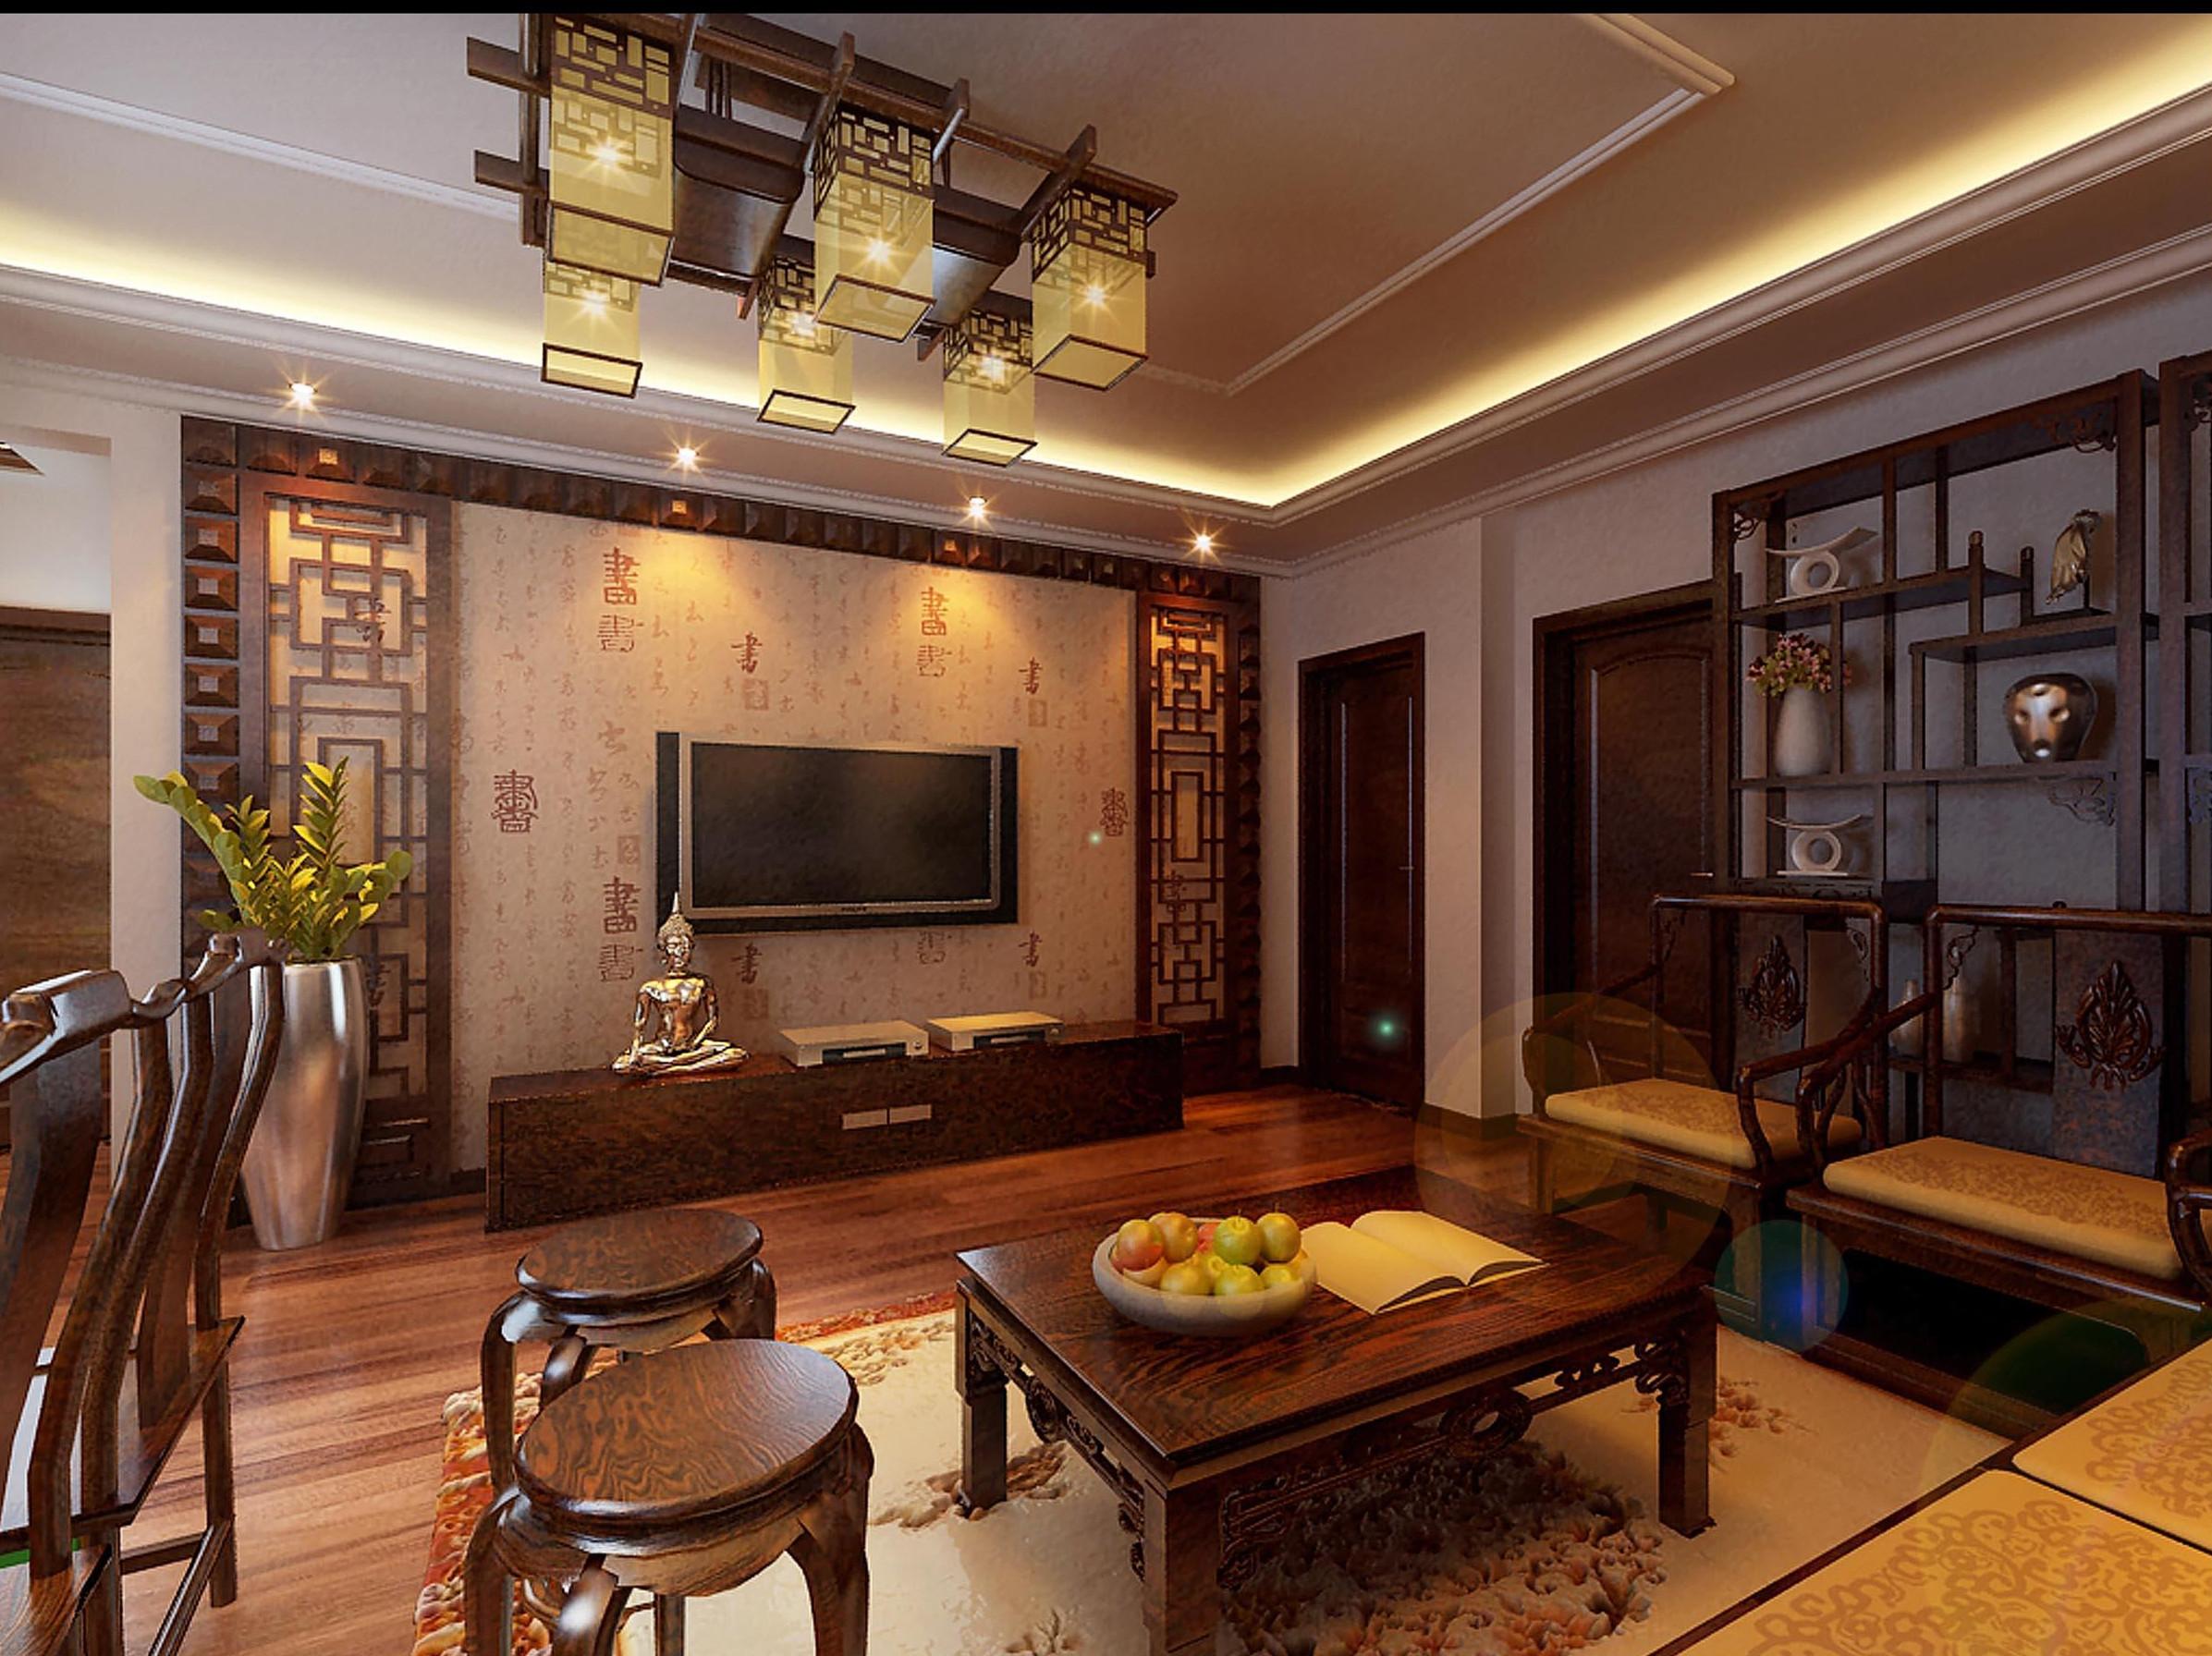 中式装修家居不同空间该选择什么样款式的灯具